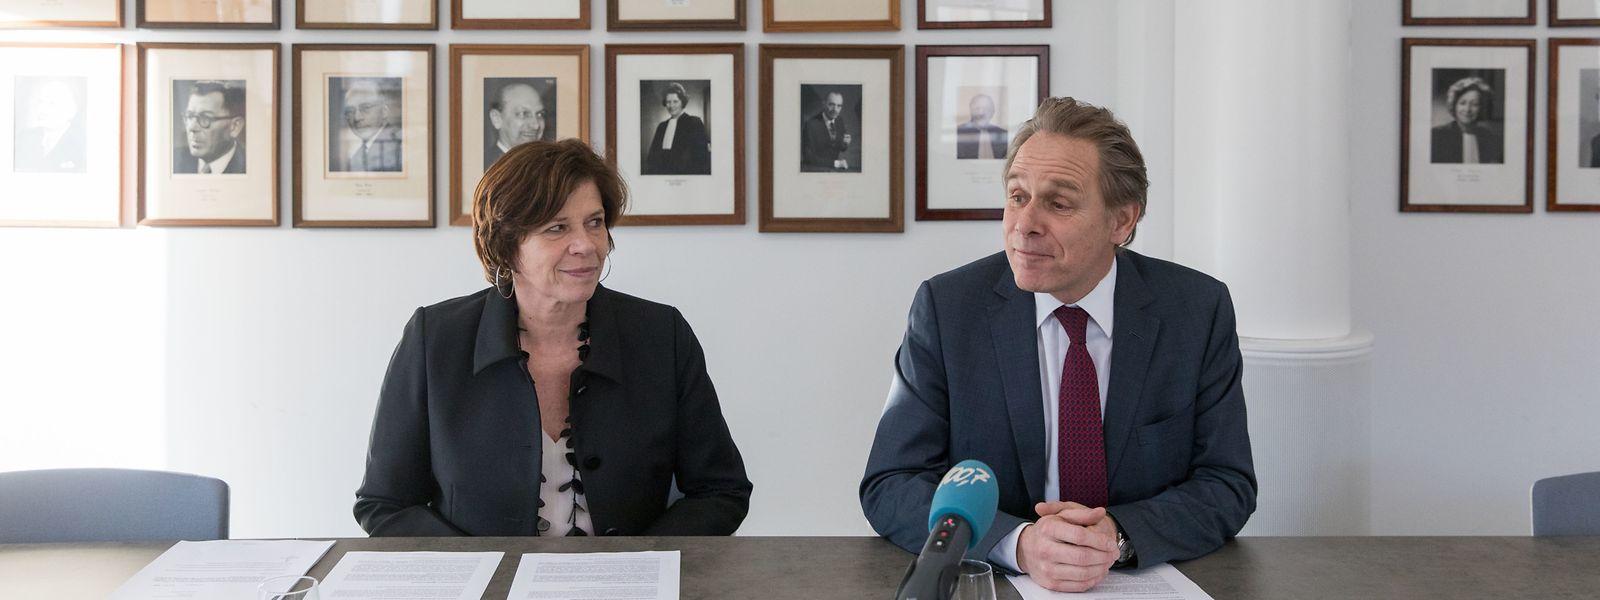 Avec le projet de loi n° 7465, «l'anonymat du client n'est pas garanti», alerte François Prum.